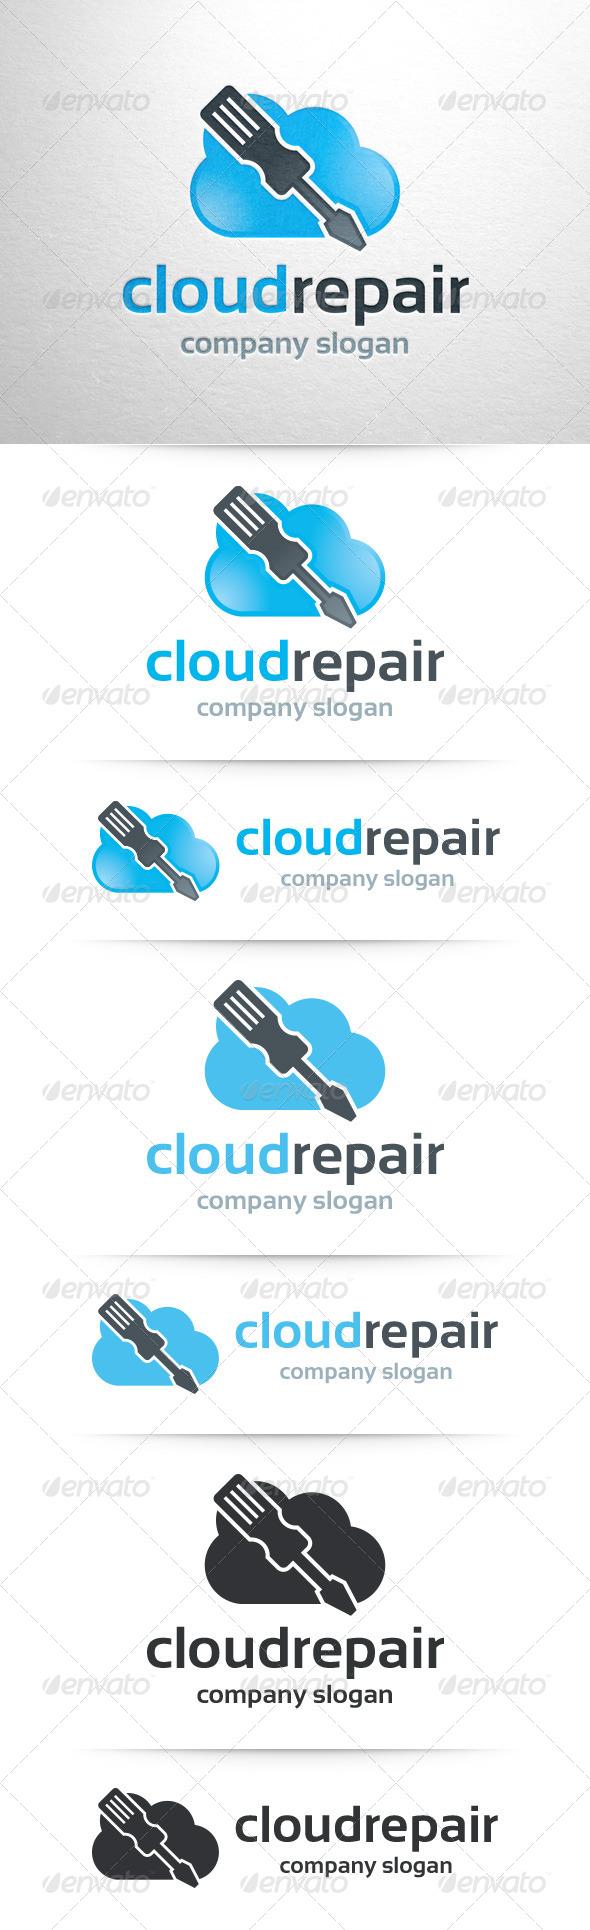 GraphicRiver Cloud Repair Logo Template 7812395